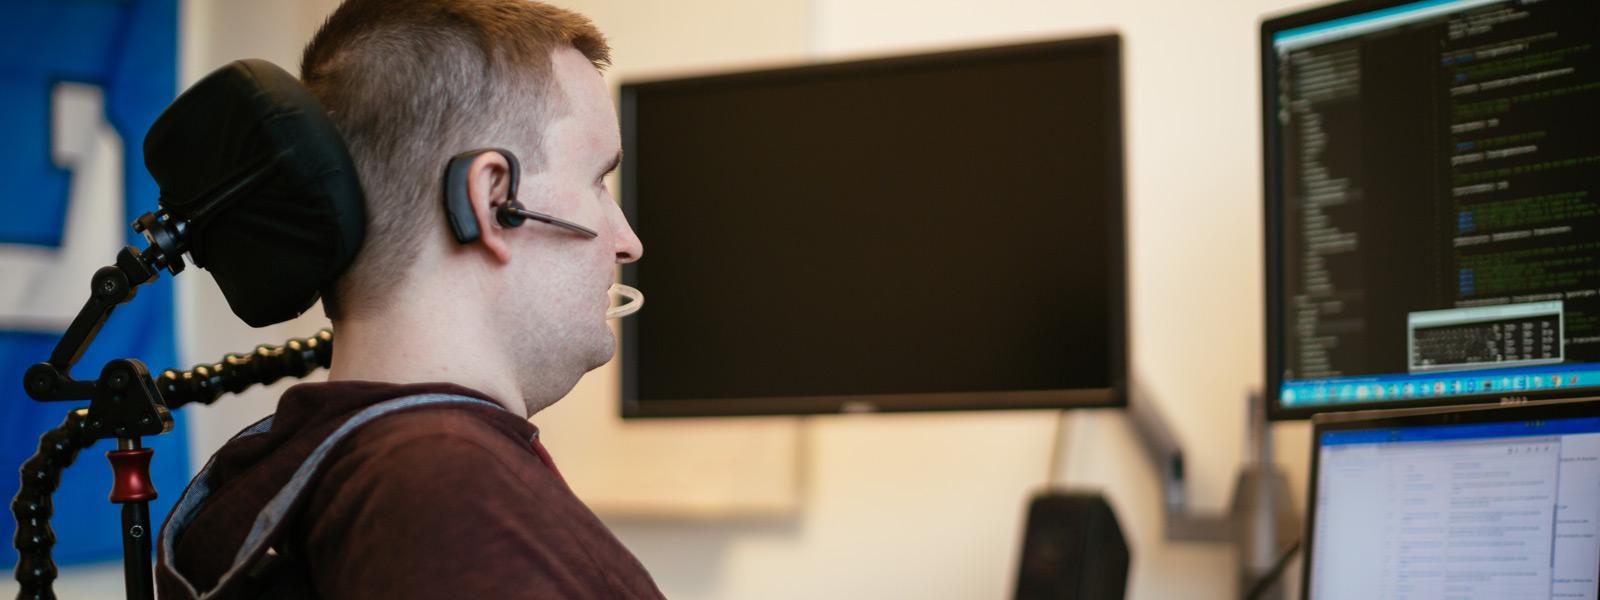 رجل جالس على المكتب يستخدم تكنولوجيا الأجهزة المساعدة لتشغيل كمبيوتر يعمل بنظام التشغيل Windows 10 بالتحكم بالعين